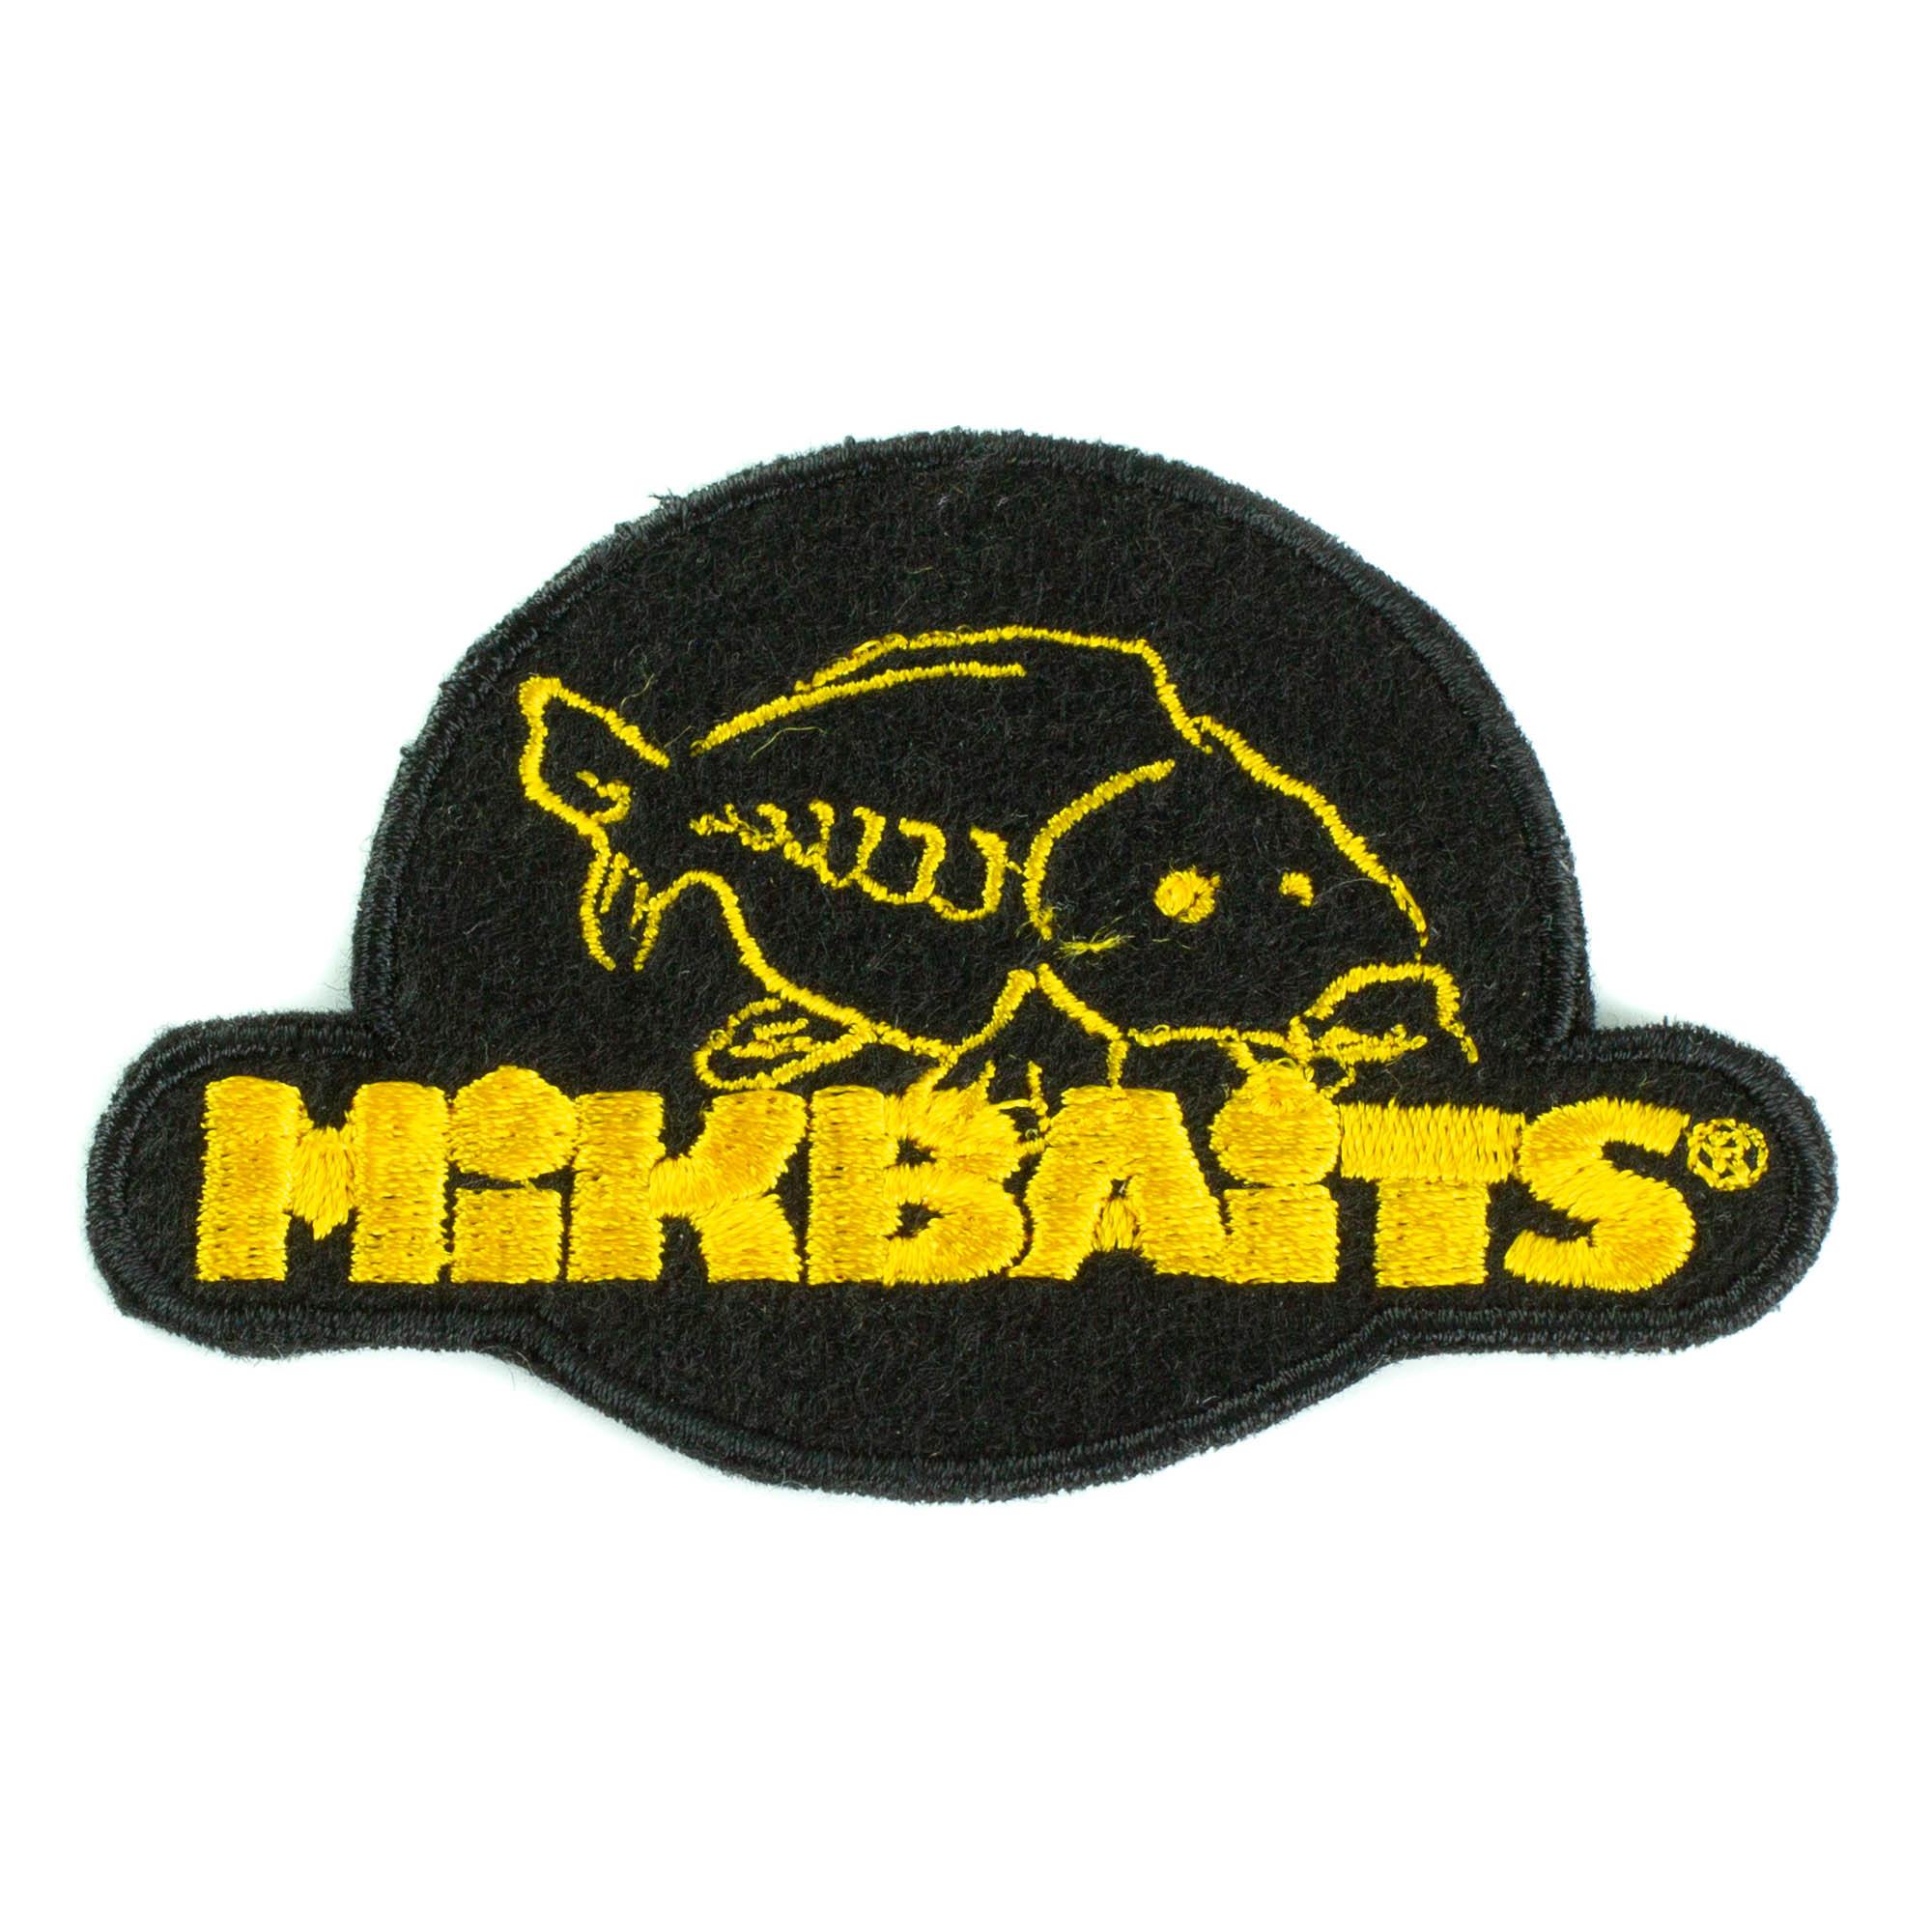 Propagační předměty - Nášivka Mikbaits kulatá